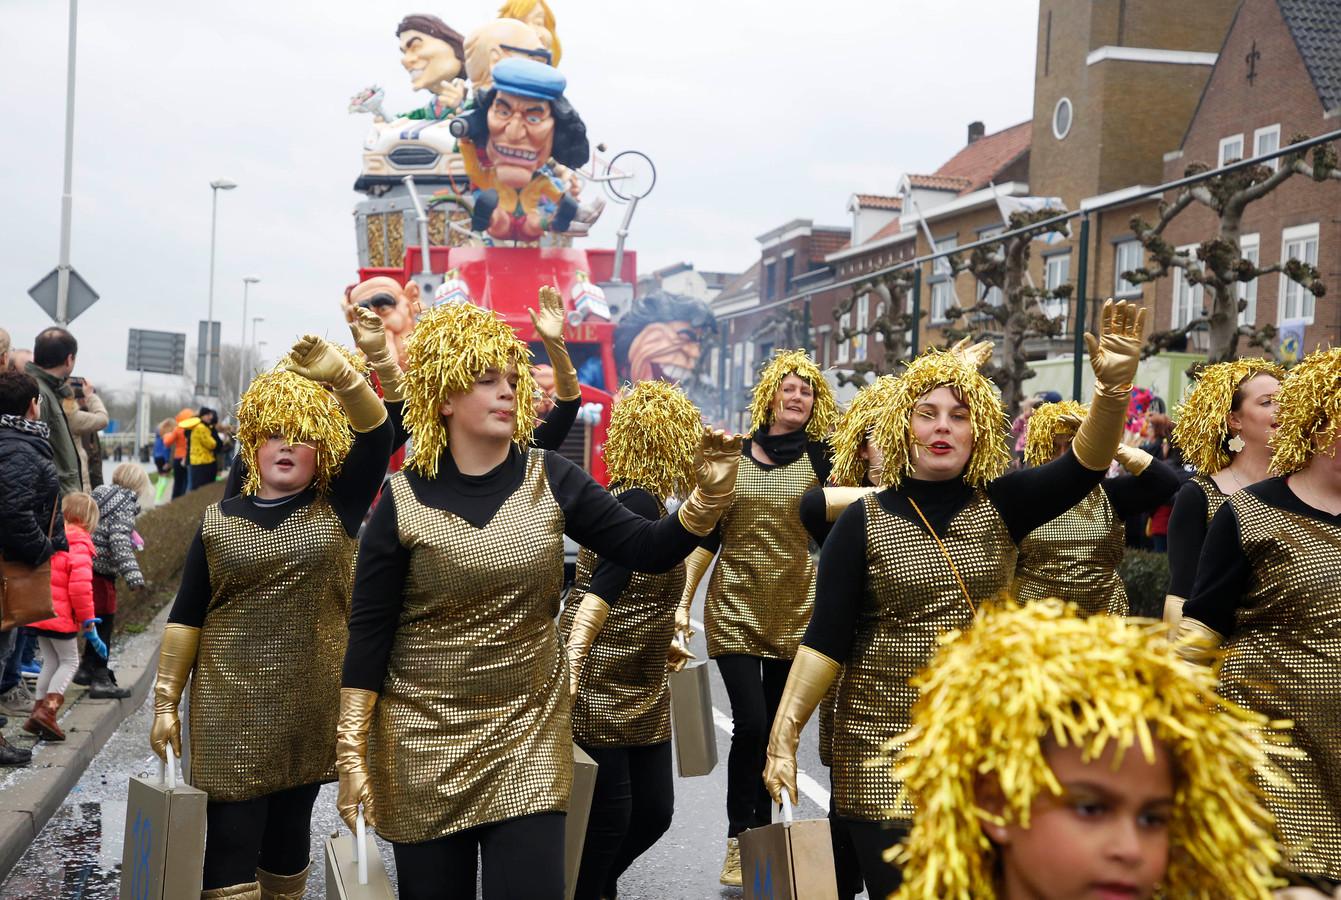 Carnavalstoptocht door Sas van Gent in 2019. Vorig jaar werd die afgelast vanwege te harde wind, dit jaar komt er een digitale optocht via Betekoppen FM. Op de archieffoto de gouden dames van de Sasse Postcodeloterij.